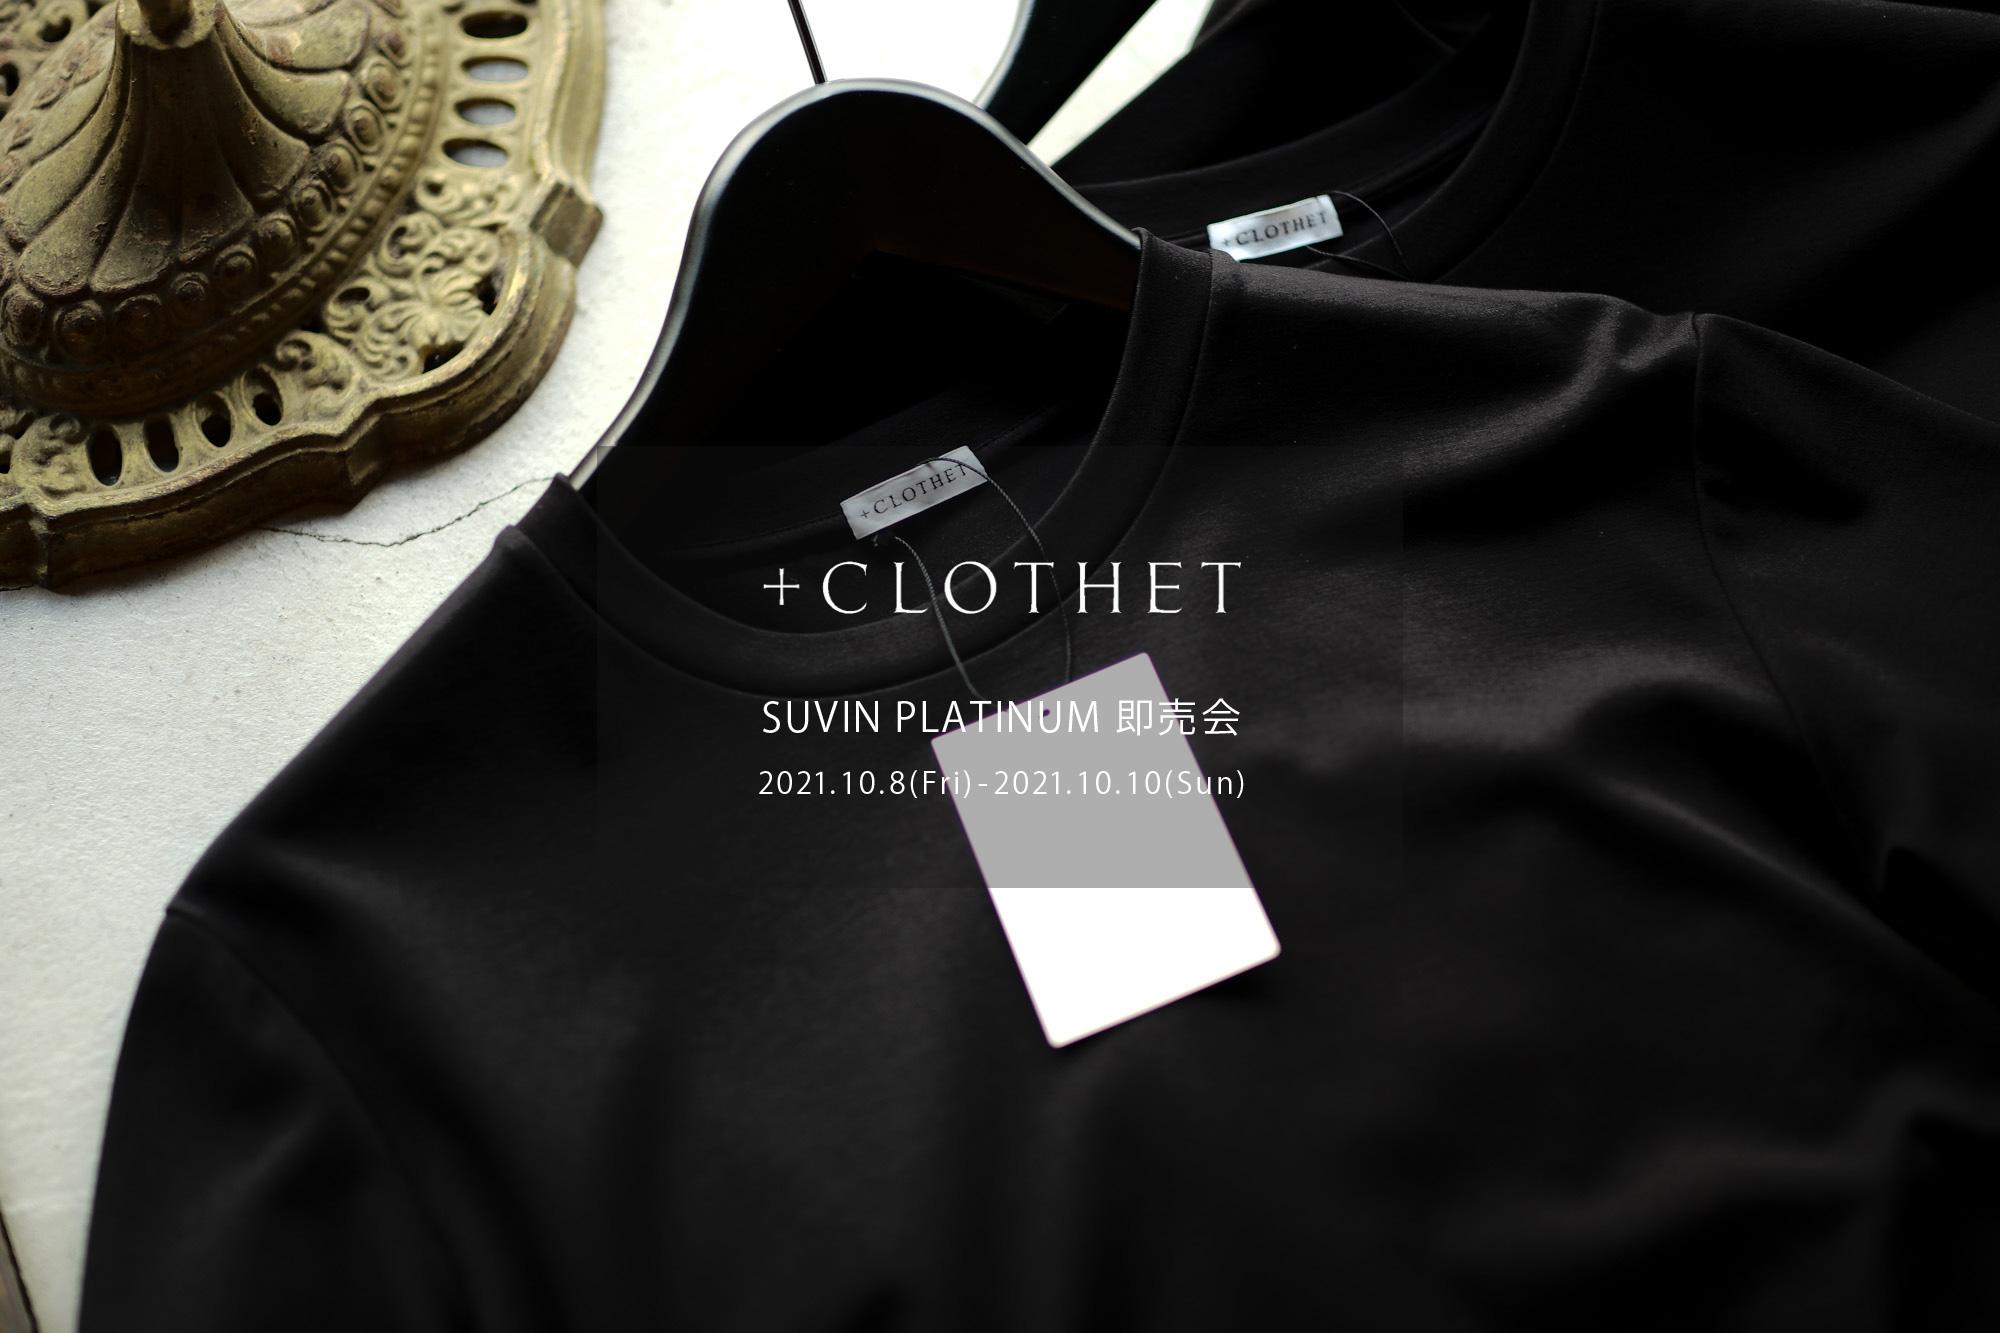 """+CLOTHET / クロスクローゼット【スビンプラチナム 即売会 2021.10.8(Fri)~10.10(Sun)】cross clothet Tシャツ ヘンリーネック ロングスリーブ 0(XS)サイズ 登場します 着丈63.5 身幅46 肩幅41 袖丈18.5 SUVIN PLATINUM 0(XS),1(S),2(M),3(L) 愛知 名古屋 Alto e diritto altoediritto アルトエデリット 世界中の素晴らしい生地(CLOTH)をあなたのクローゼット(CLOSET)に届けたい約150年続く繊維商社ならではの、生地の企画、製造、販売の全てを自社で行い、最高級の素材をテーラー監修のパターンメイキングにより適正価格でご提供し続けています。干場義雅氏監修の「スビンプラチナムスムースジャージーシリーズ」は累計数千枚を超えるヒット商品となり、+CLOTHETの代表作となりました。【生地の特徴】通常太い糸で作られることの多いリブ編みを、贅沢に細番手スビンプラチナムを使って作成しました。カジュアルになりがちなリブ編みですがスビンの持つしっとりとした風合いと光沢が備わった素材です。超長綿でも繊維長の長さや希少性で最高峰と称されるスビン。その希少なスビンの中でも特に最高品質を誇る""""ファーストピック(初摘み)""""だけが名乗ることを許された「スビンプラチナム」原料を国内で編み立てました。機械摘みが主流の中で、綿花を傷つけないようにひとつひとつ丁寧に、栄養の多く含まれた根元のコットンボールだけを手で摘み取り、なめらかな油脂を失うことなく繊細で強く長い繊維質が特徴です。そのため、生地の風合いはとろけるように柔らかな仕上がりになっています。"""